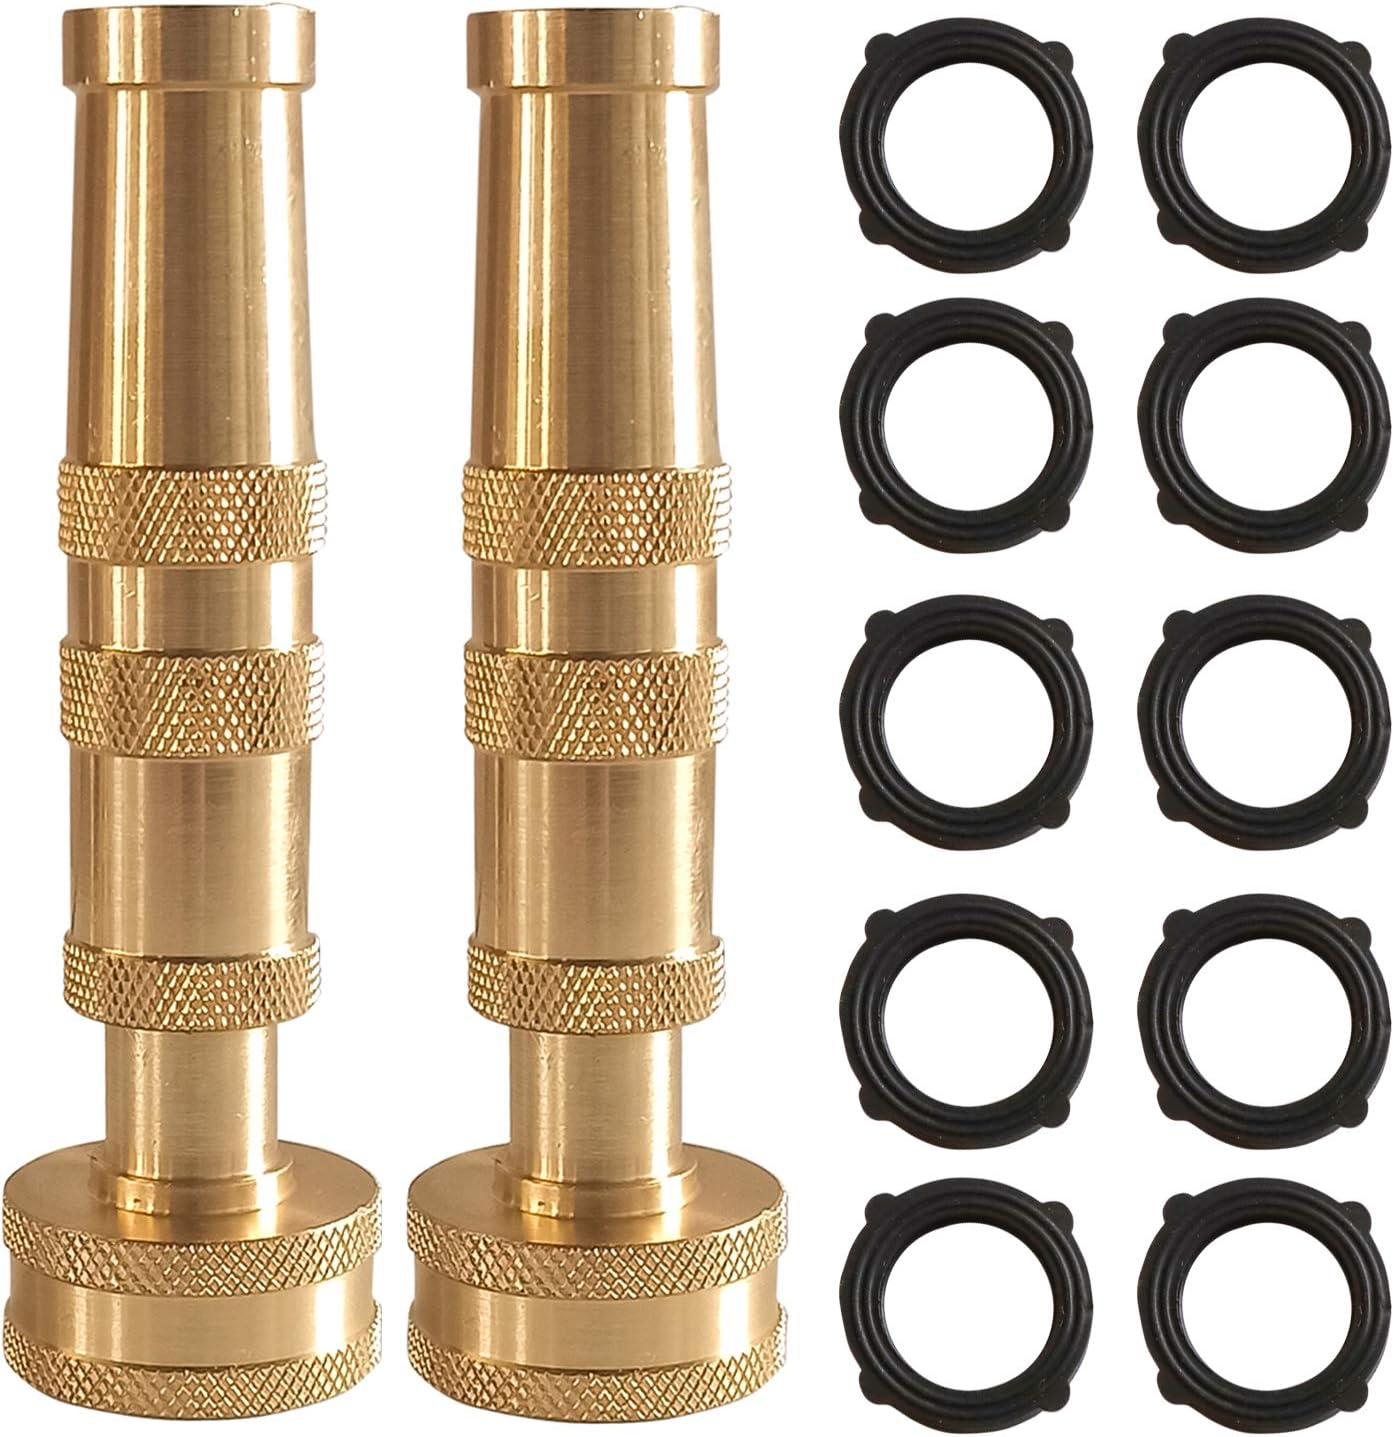 Hourleey Adjustable Twist Hose Nozzle, 4